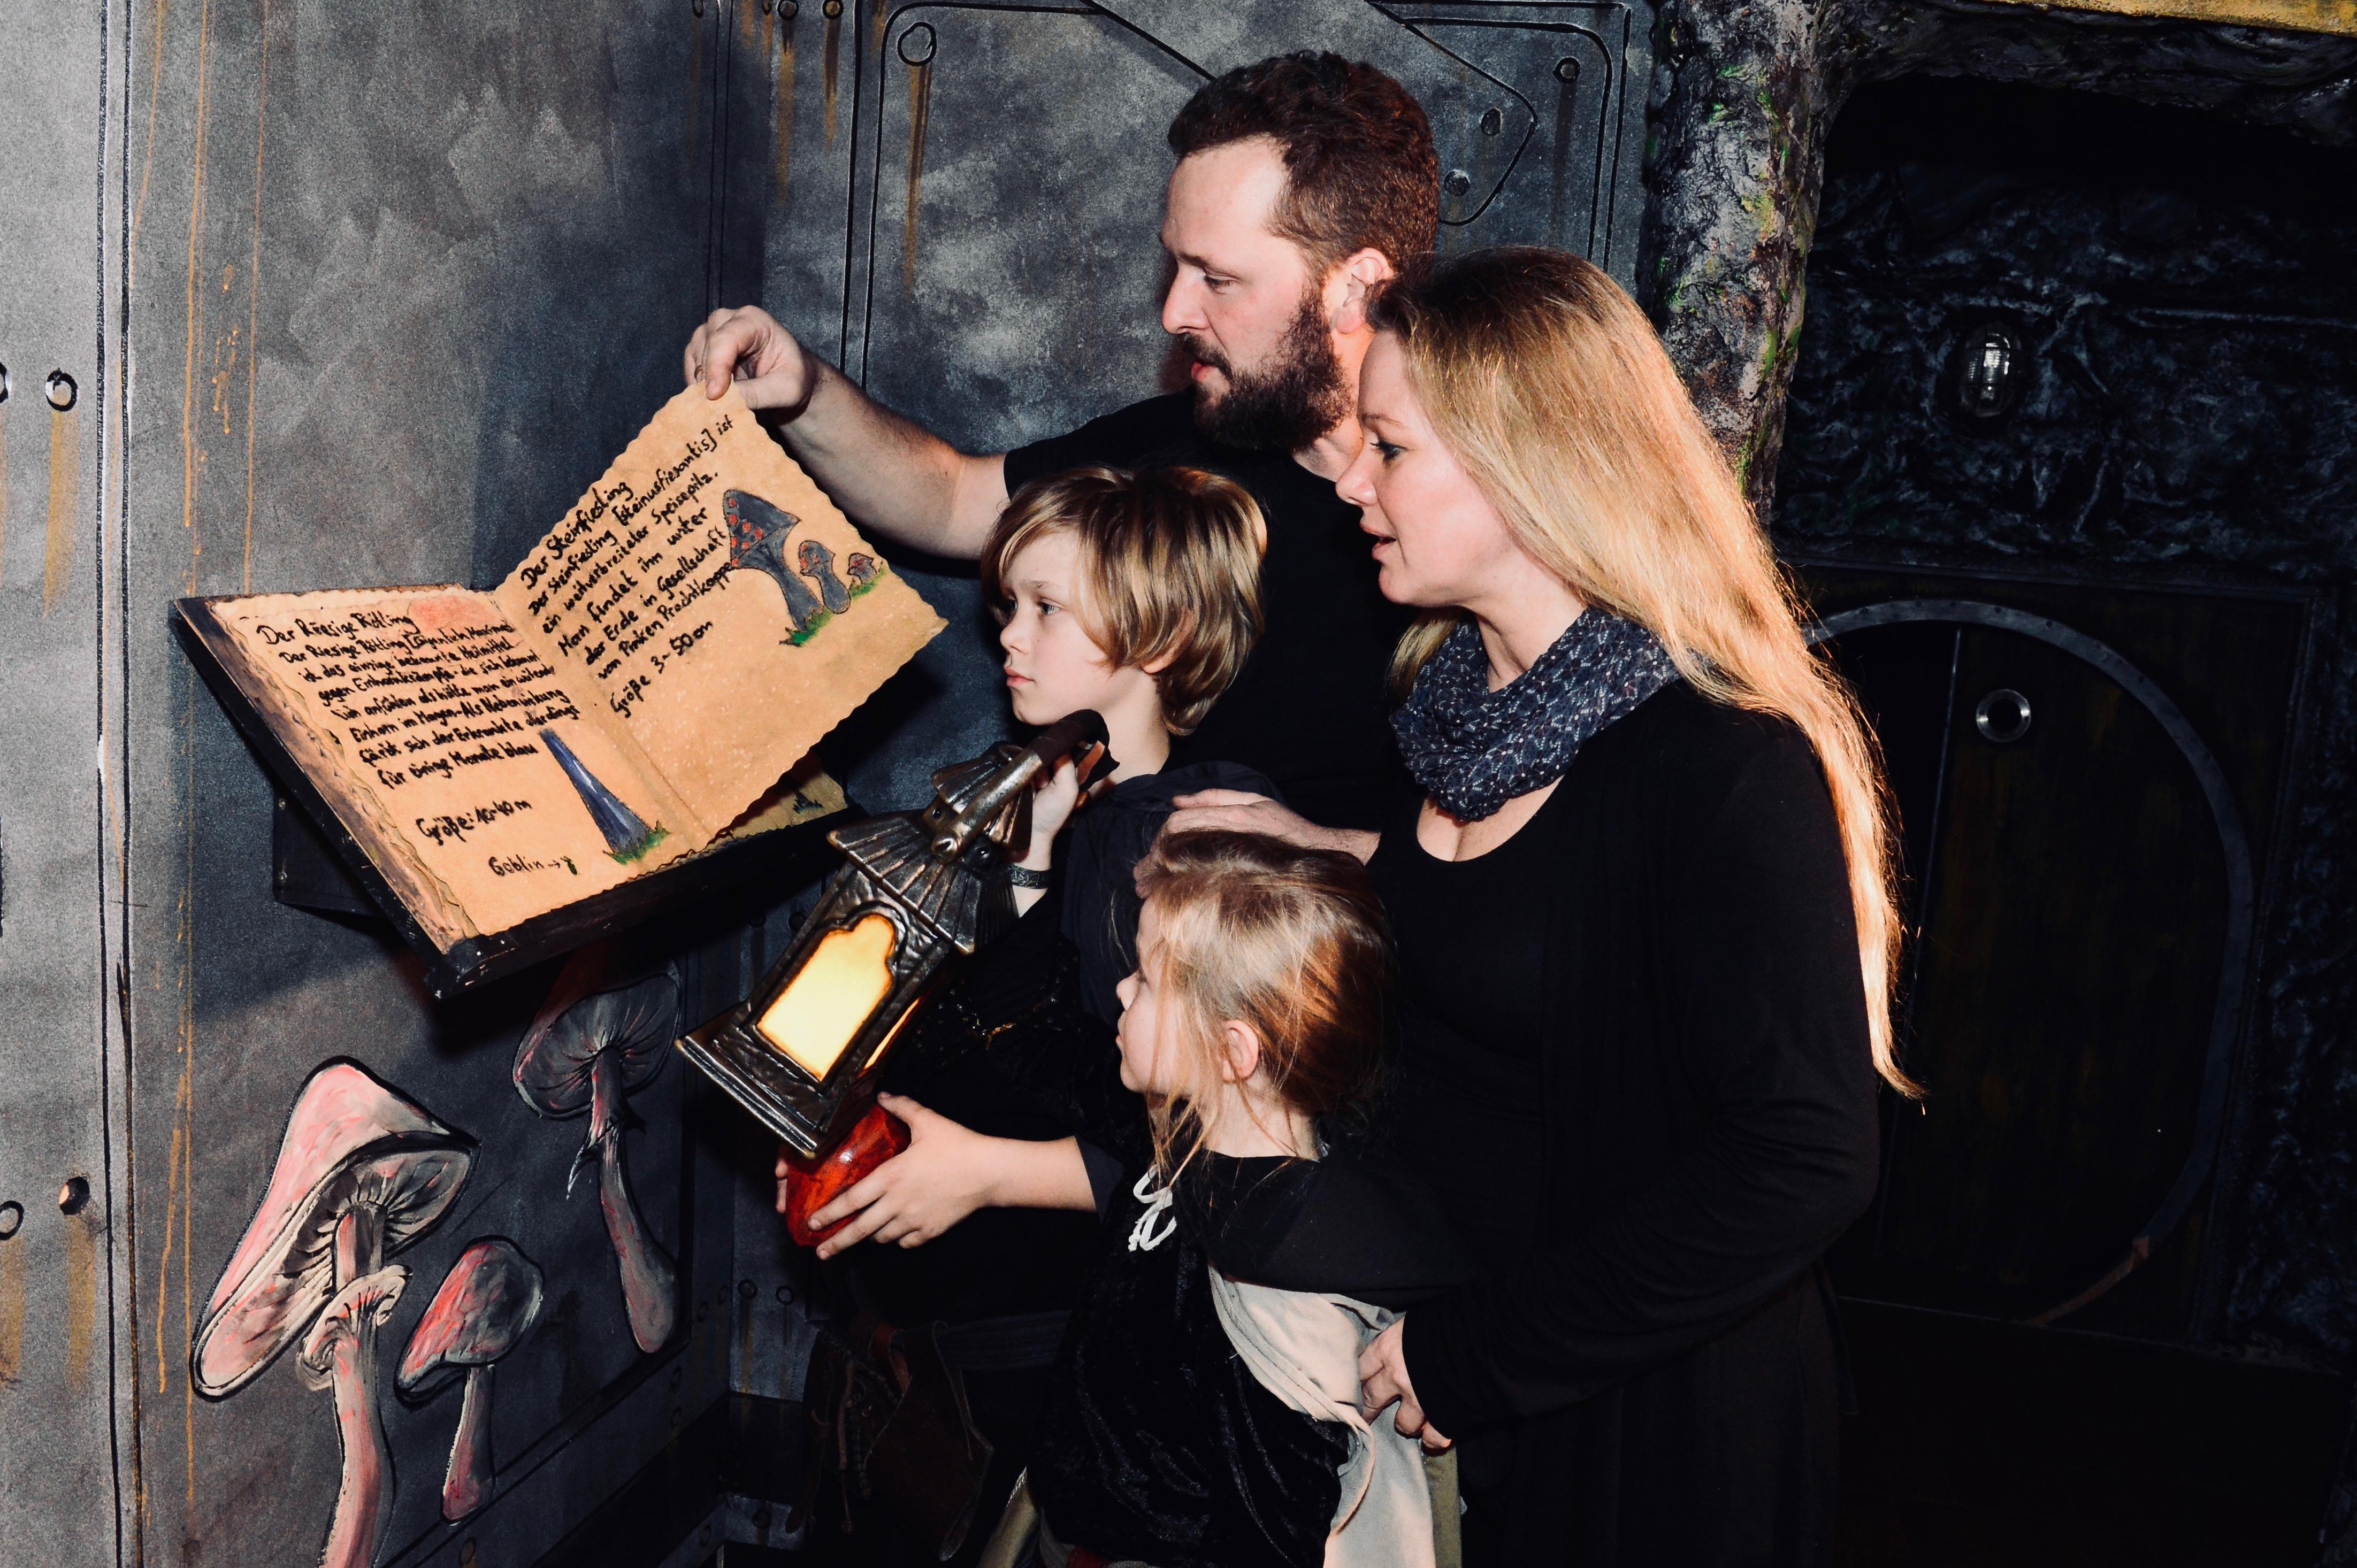 Städtetrip mit Kindern - Familien Spaß in der Goblinstadt